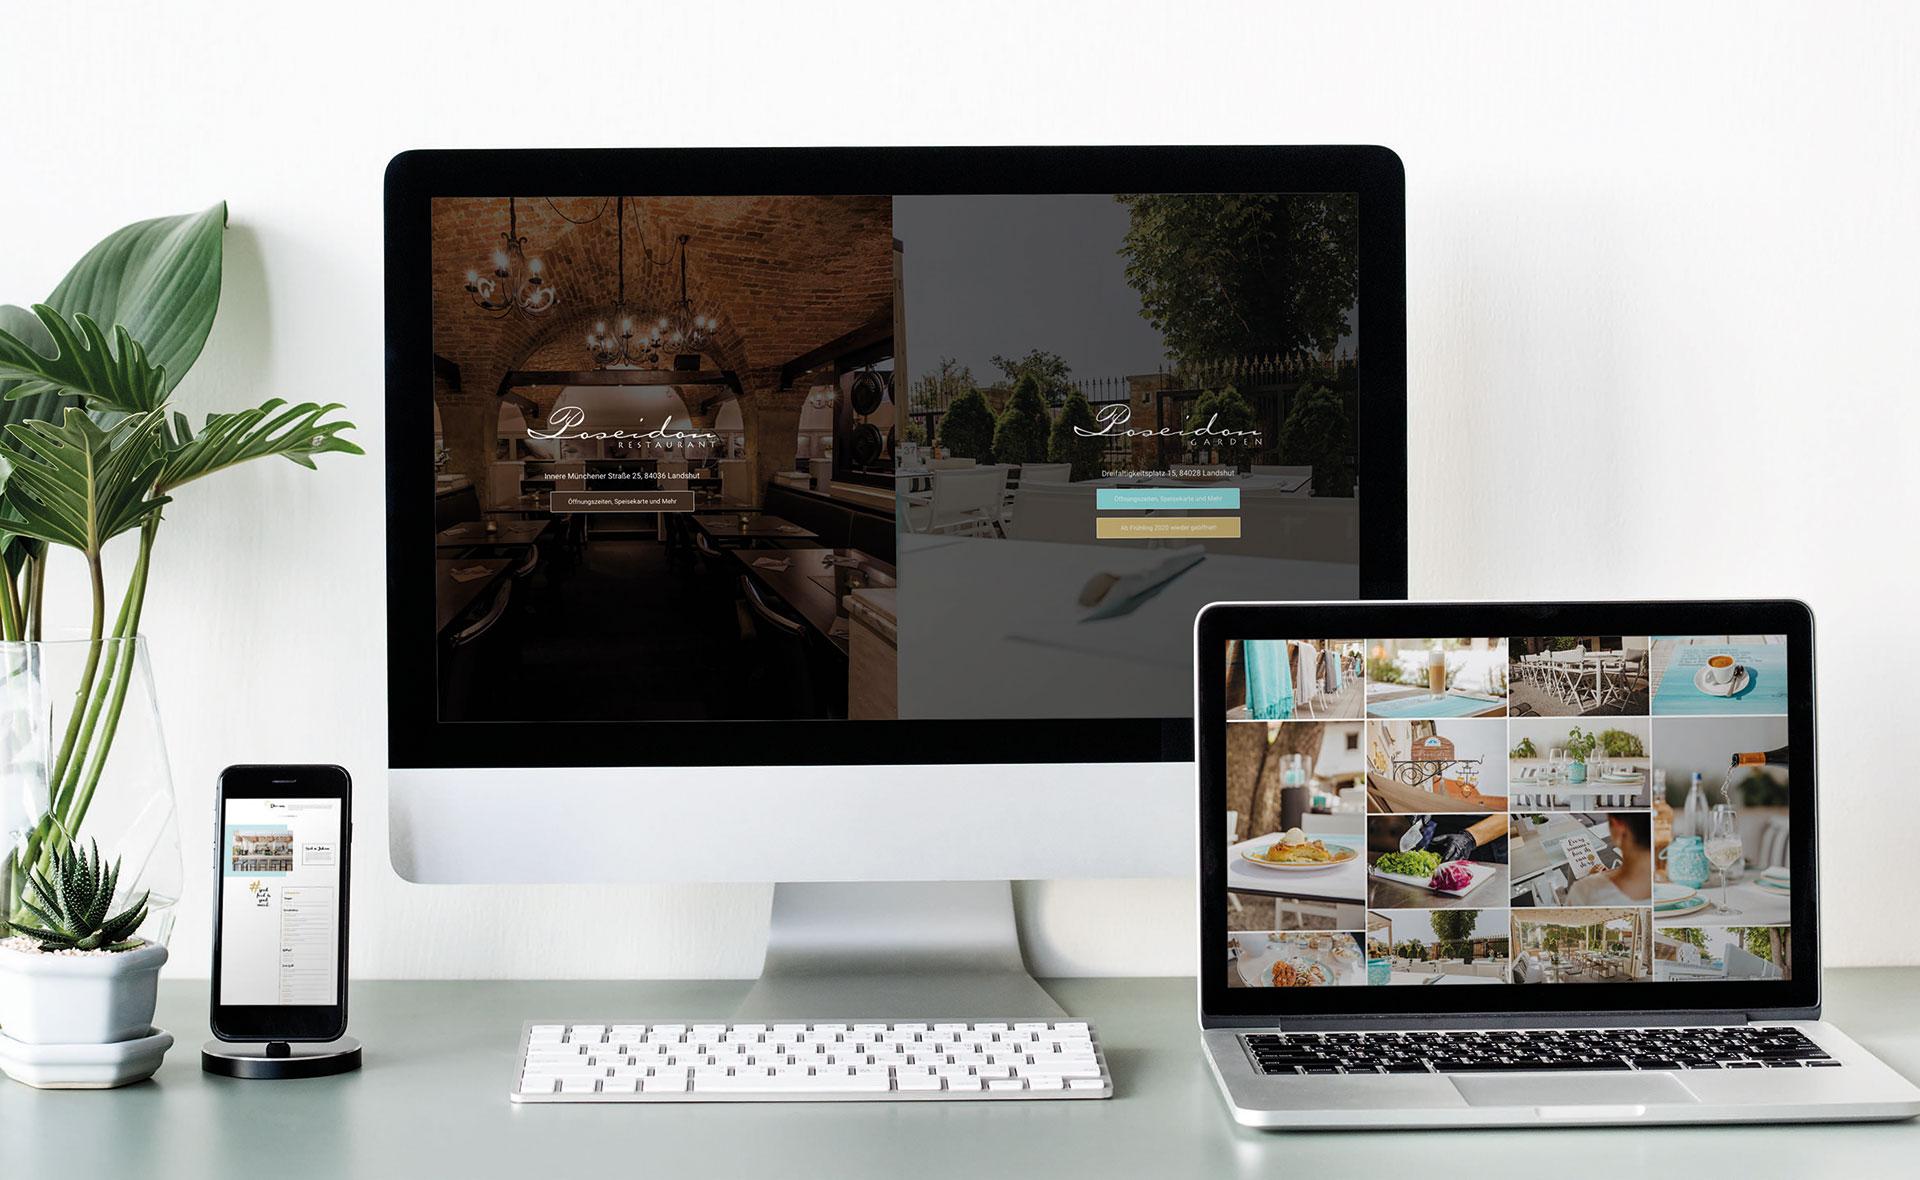 Poseidon Garden Website für Desktop und Mobil